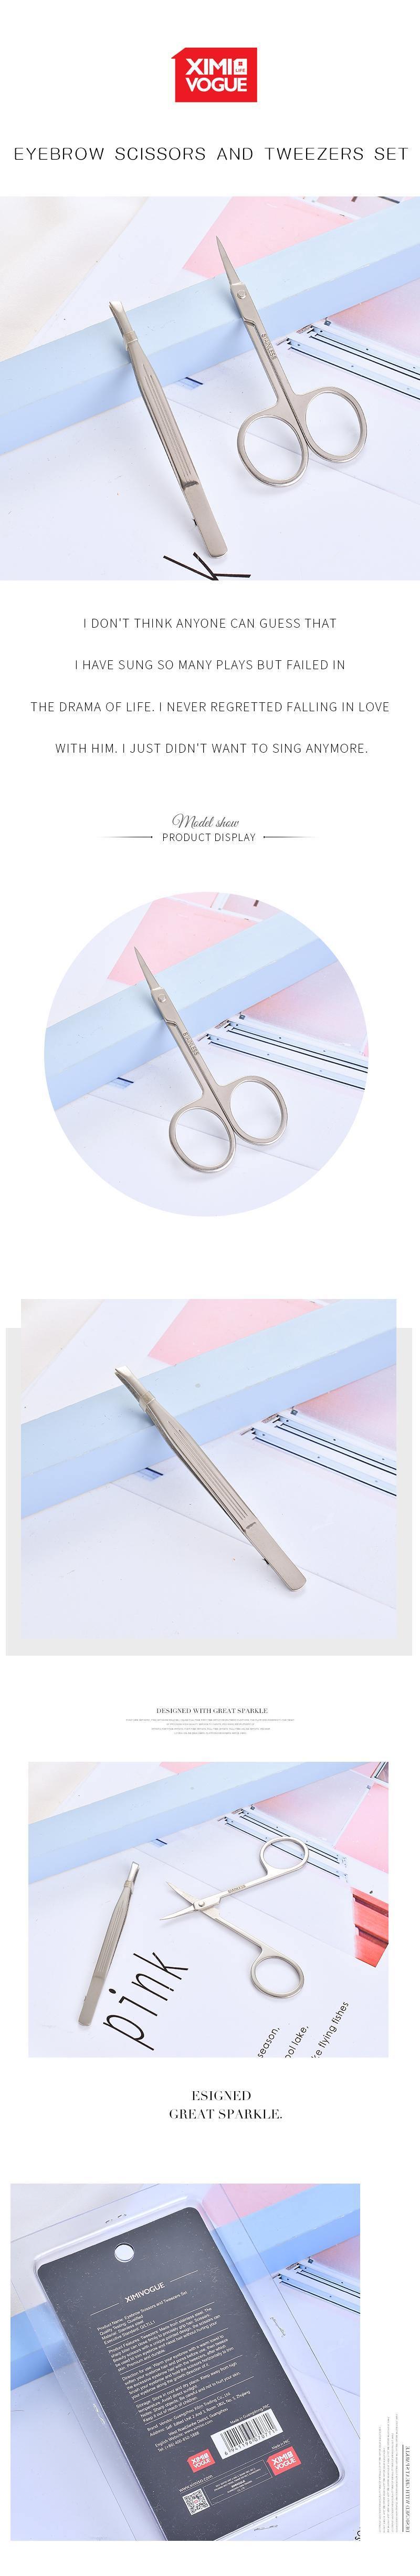 Eyebrow Scissors and Tweezers Set